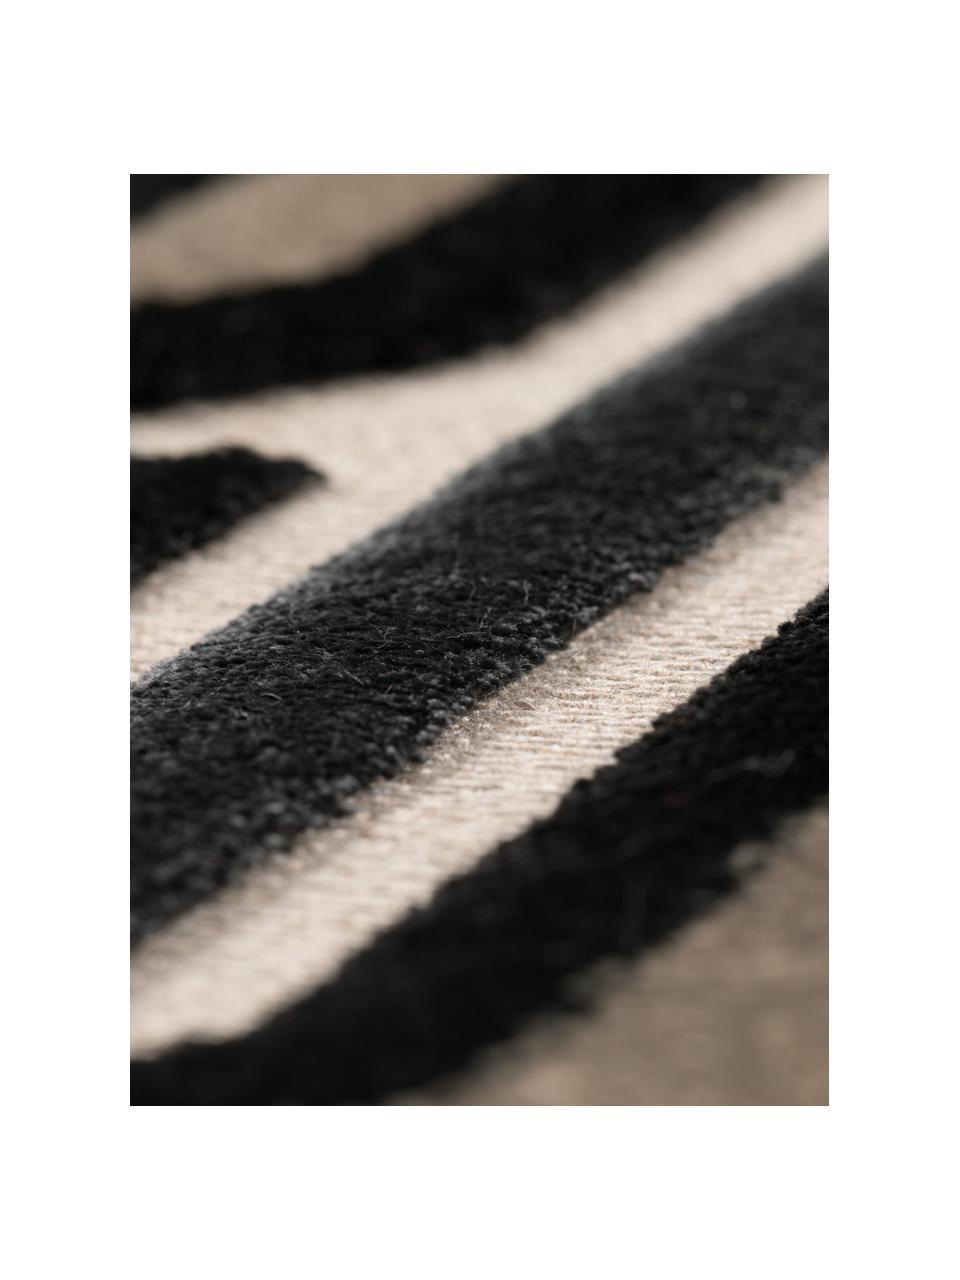 Teppich Beverly im Retro Style mit Hoch-Tief-Struktur, Flor: 57% Rayon, 31% Polyester,, Schwarz, Beige, Grau, B 200 x L 300 cm (Größe L)